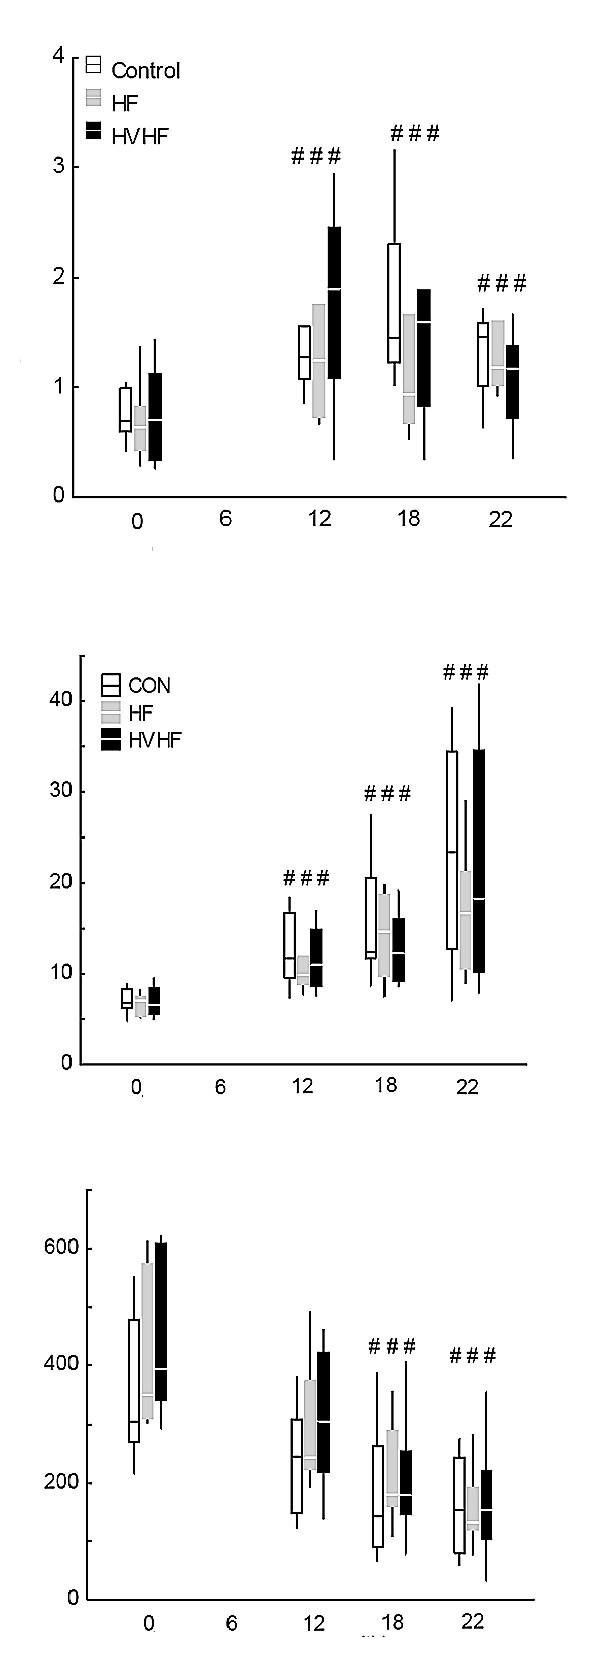 Vliv hemofiltrace Nahoře: plazmatické hladiny nitrátů + nitritů. Uprostřed: plazmatické koncentrace von Willebrandova faktoru. Dole: počet krevních destiček. CON, kontrolní skupina; HF skupina se standardní hemofiltrací; HVHF, skupina s vysokoobjemovou hemofiltrací. <sup>#</sup>Významný rozdíl oproti baseline ve skupině (p < 0,05).